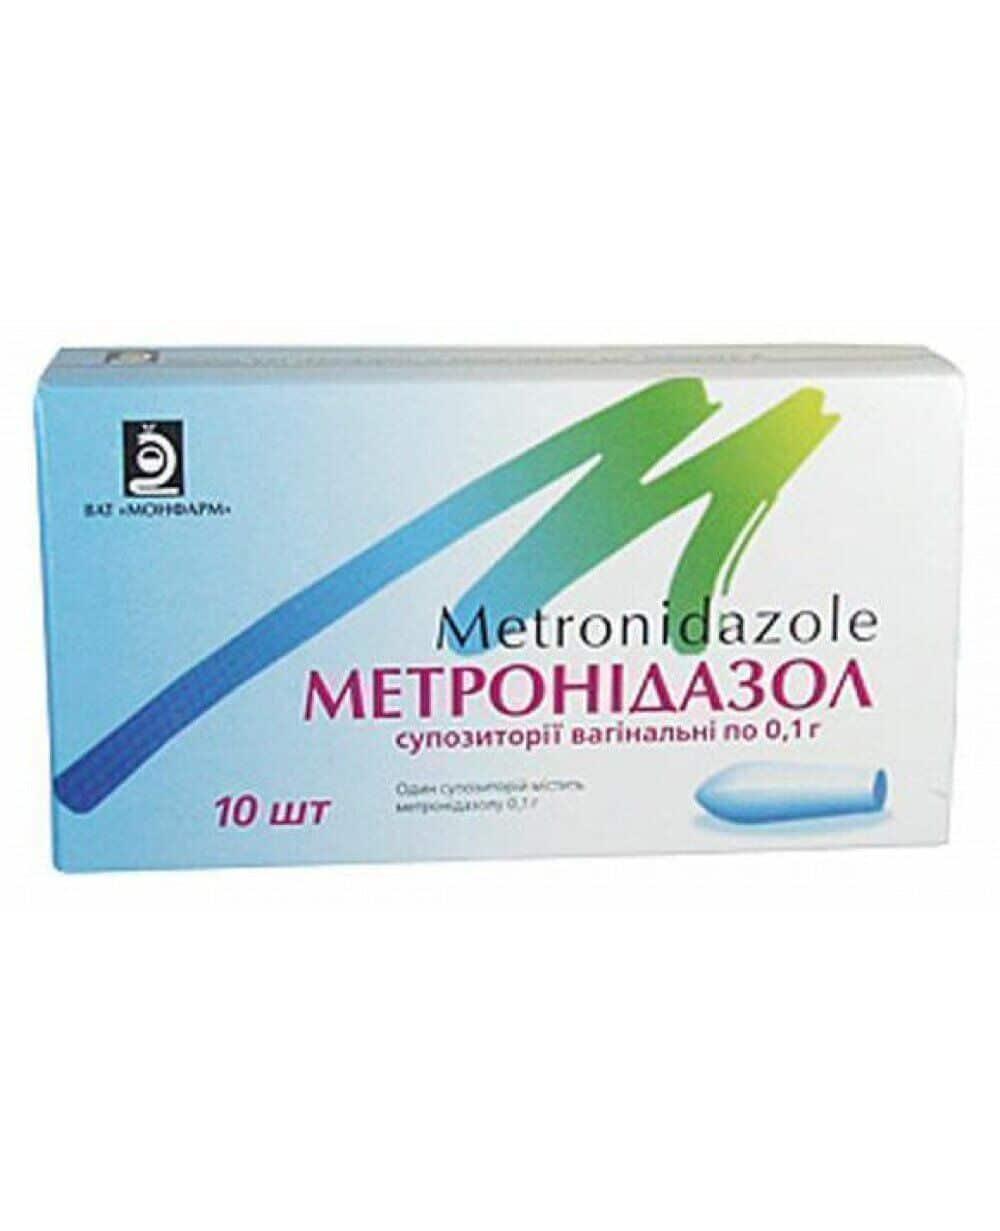 Metronidazol (metronidazole) vaginal suppositories 0.1g. №10